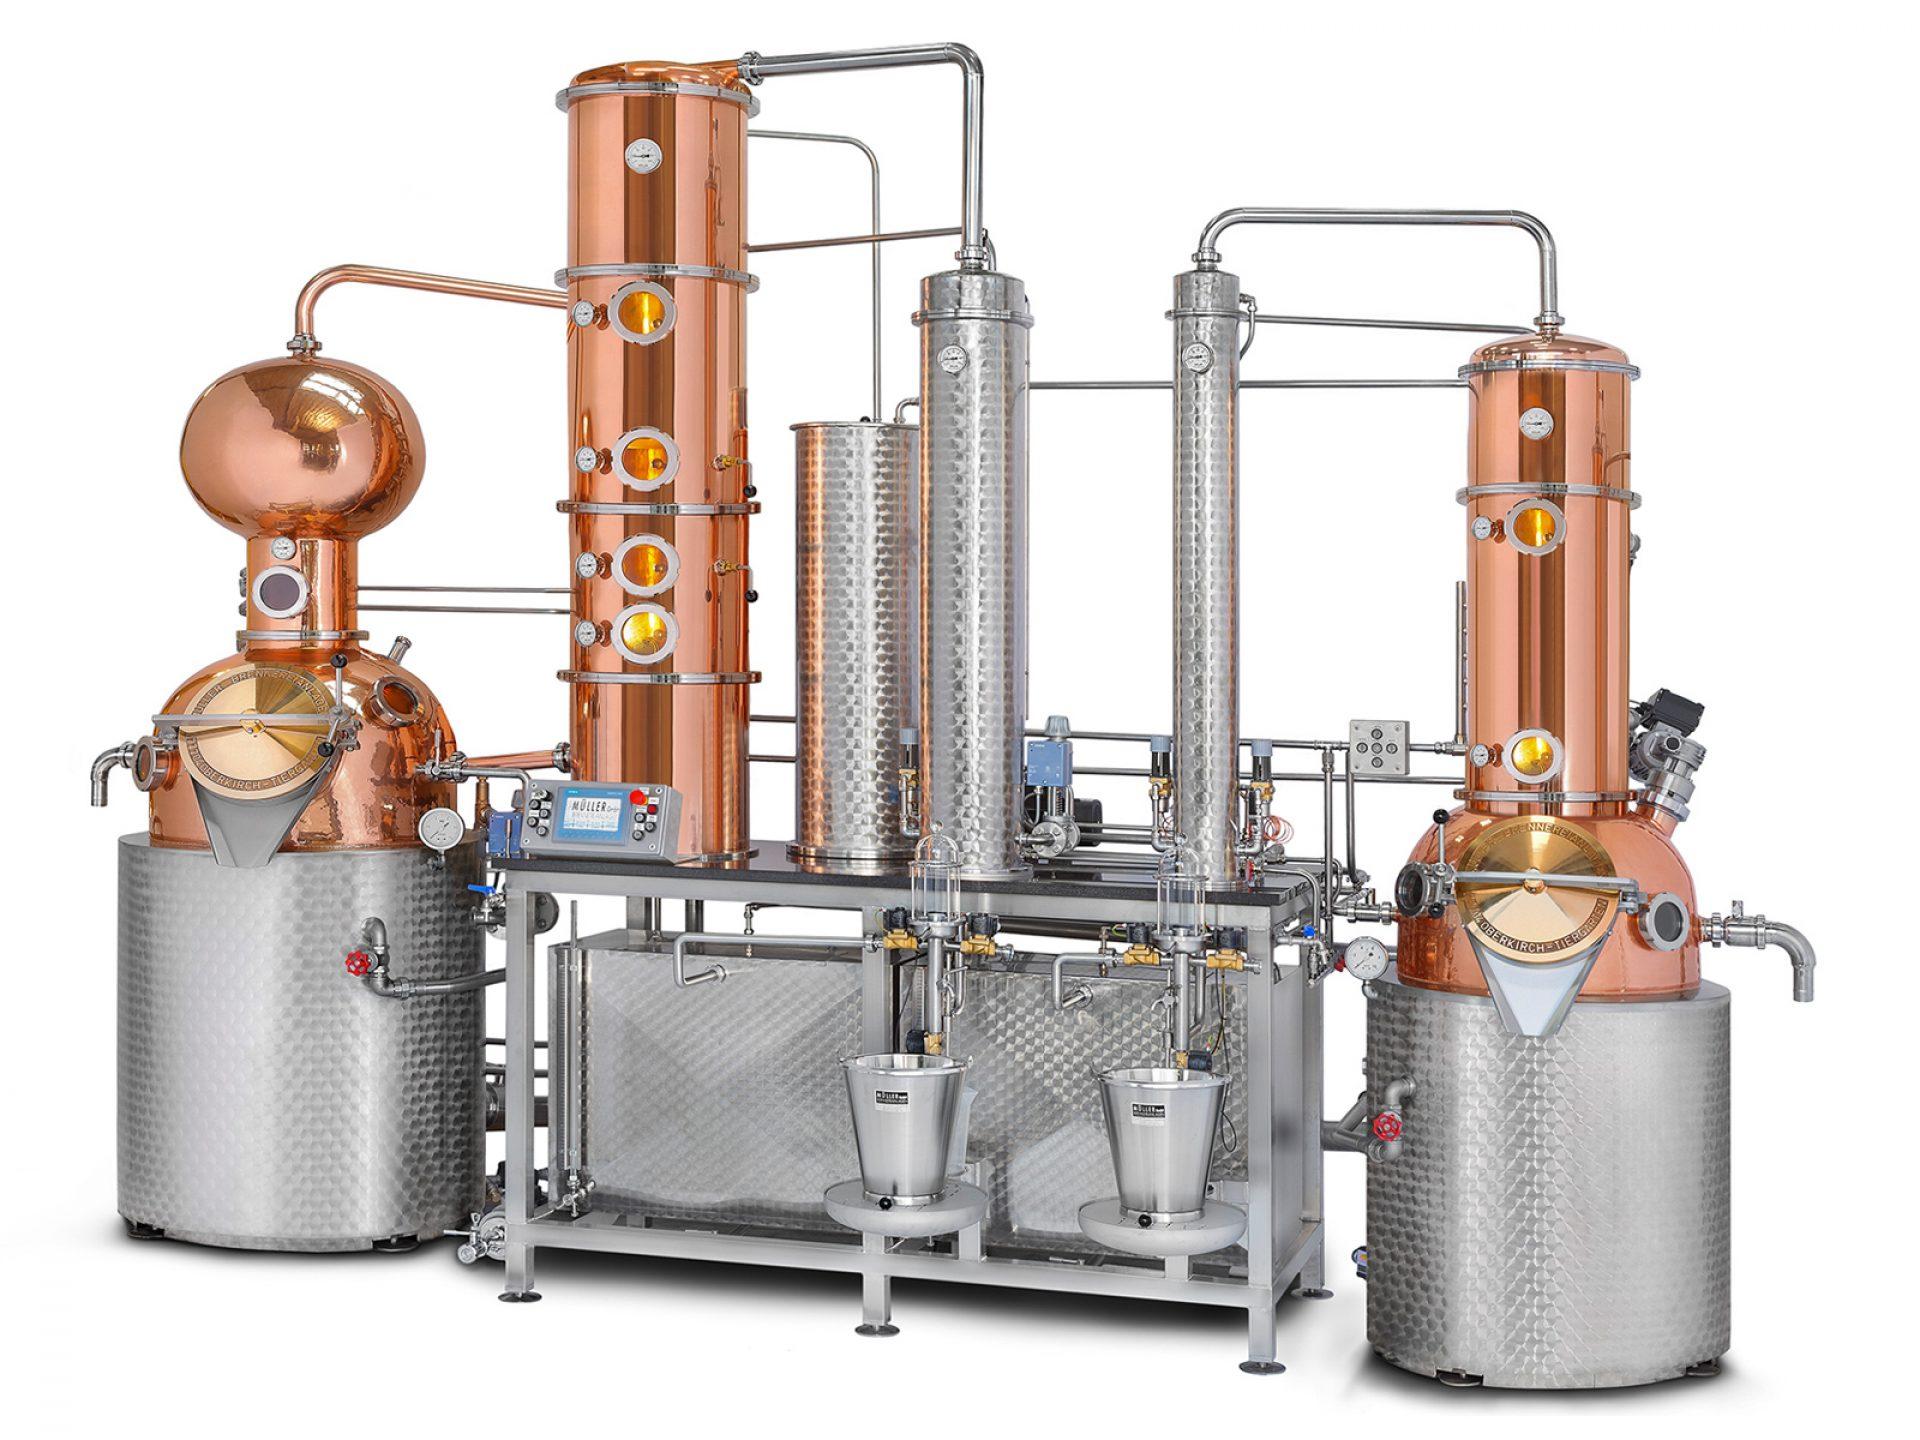 mueller-aromat-brennereianlage-destillieranlage-slide-01